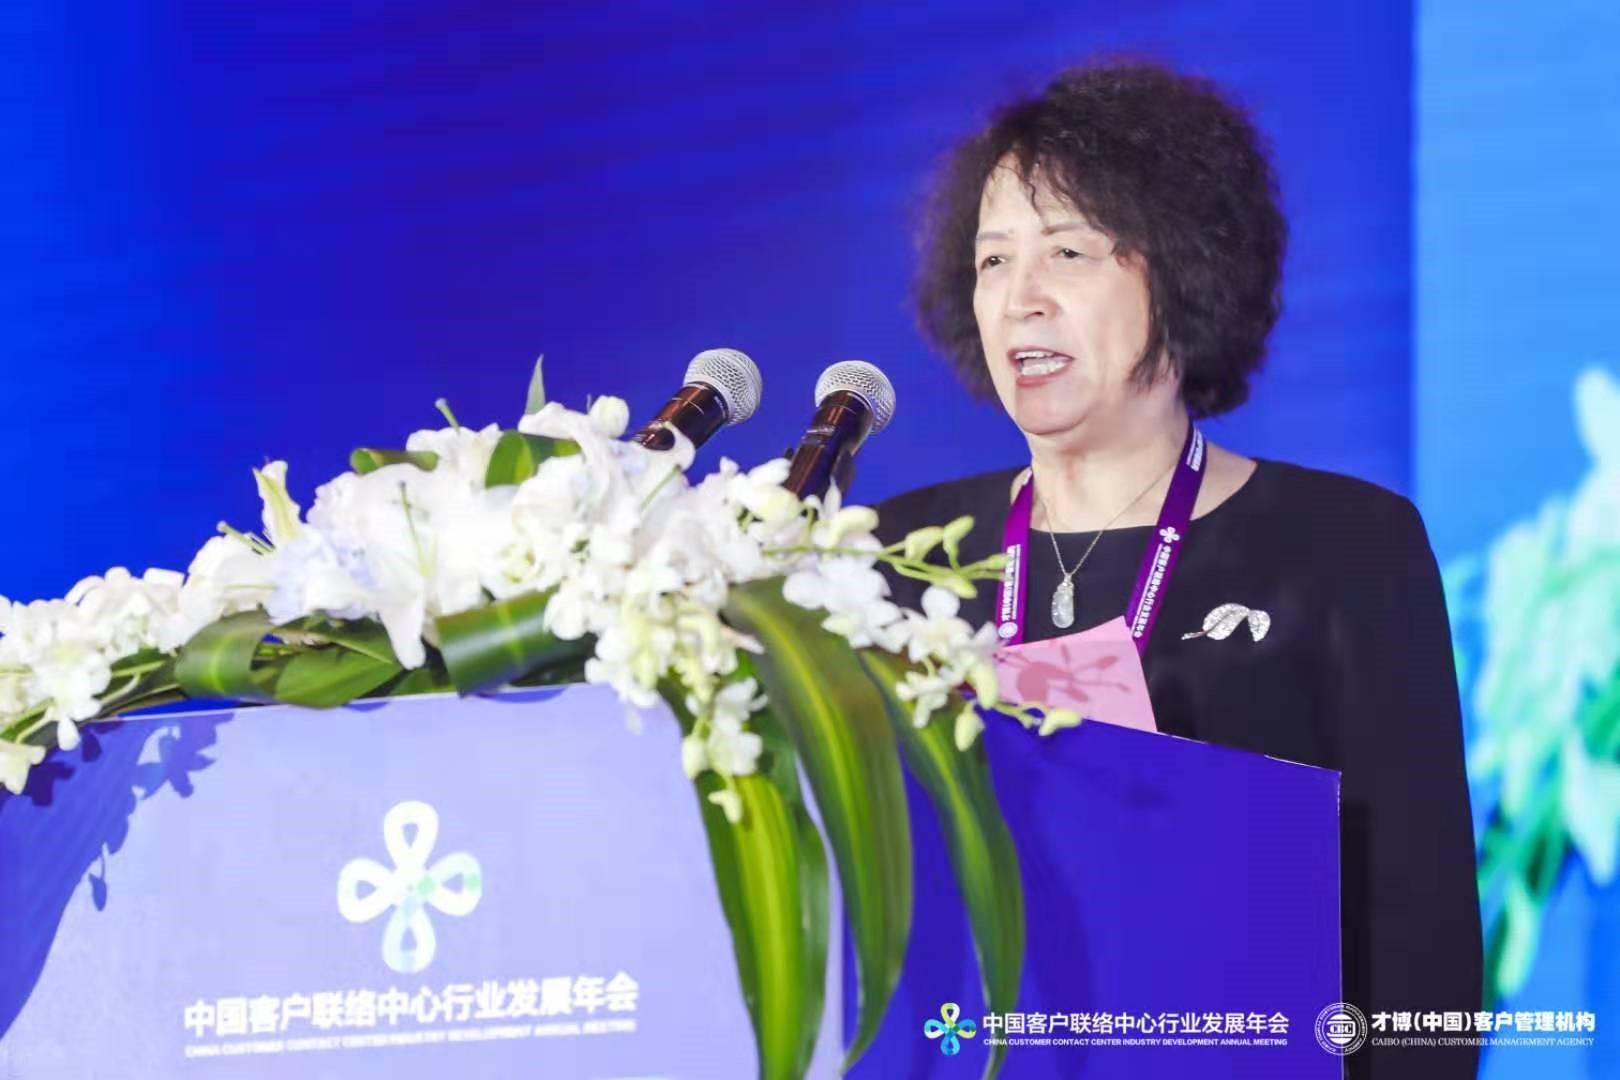 中国信息协会